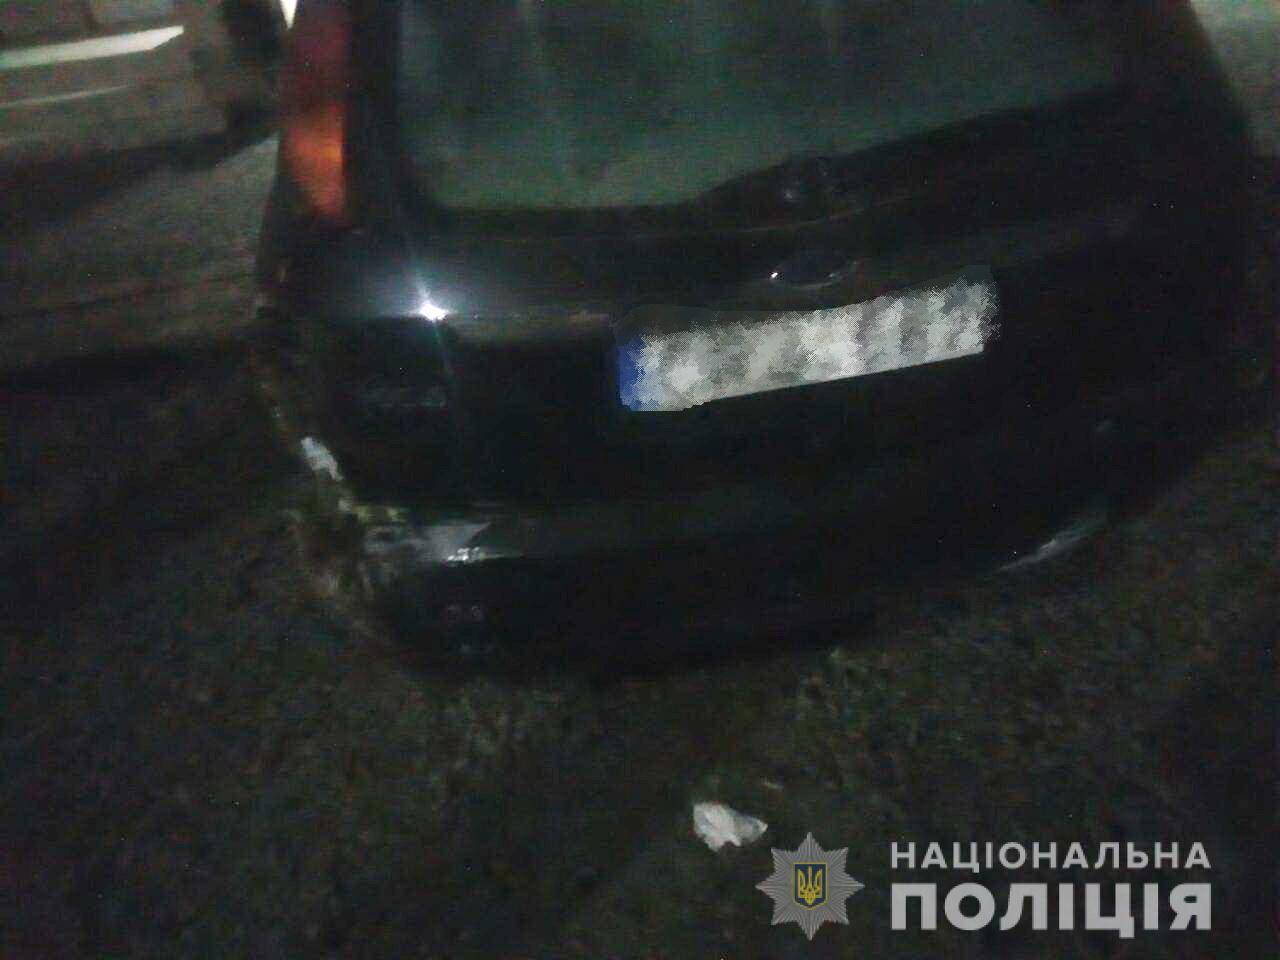 Вночі у Тячеві сталася аварія. Небайдужі звернулися в поліцію